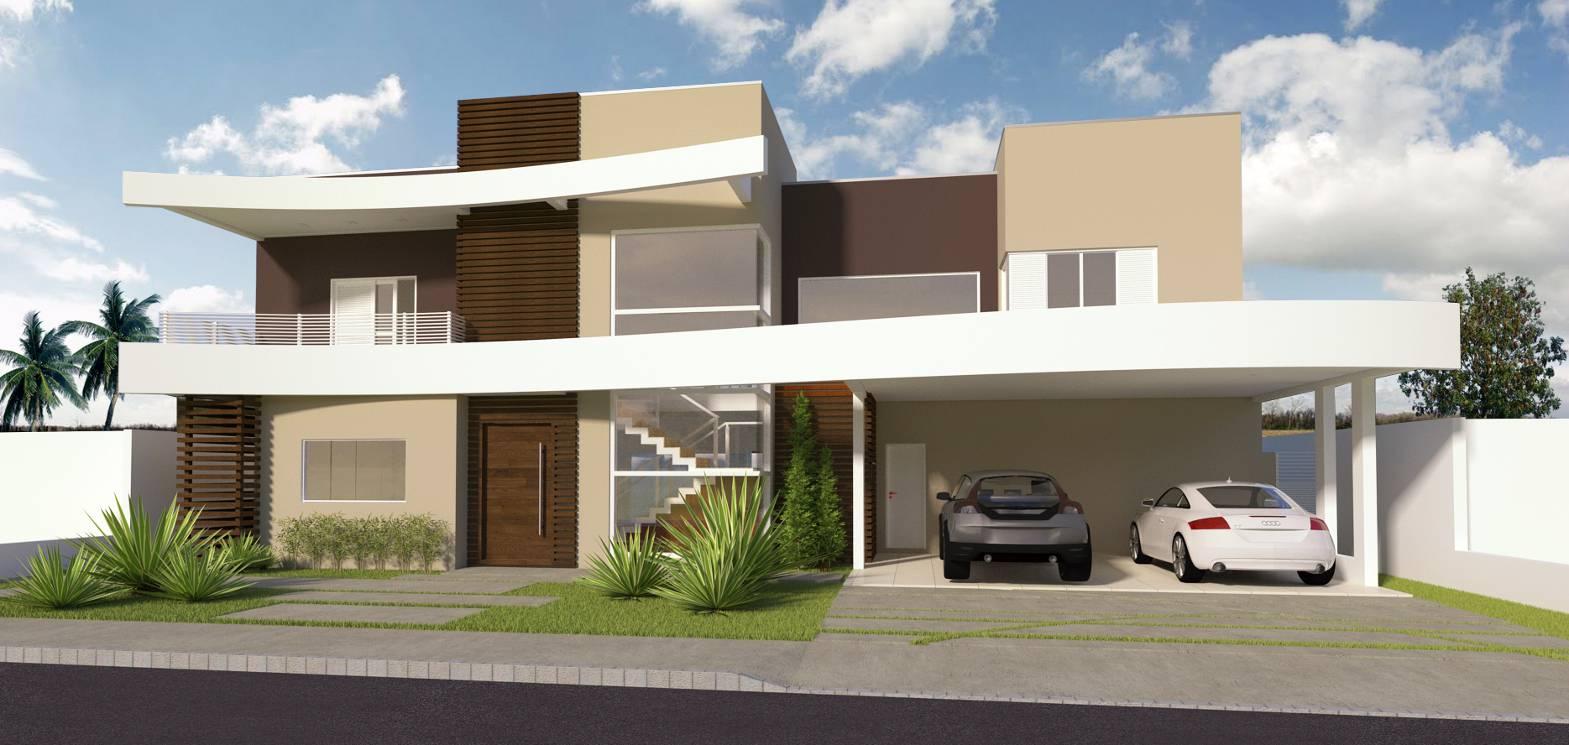 Este projeto conta com curvas em sua fachada para trazer mais movimento a casa.